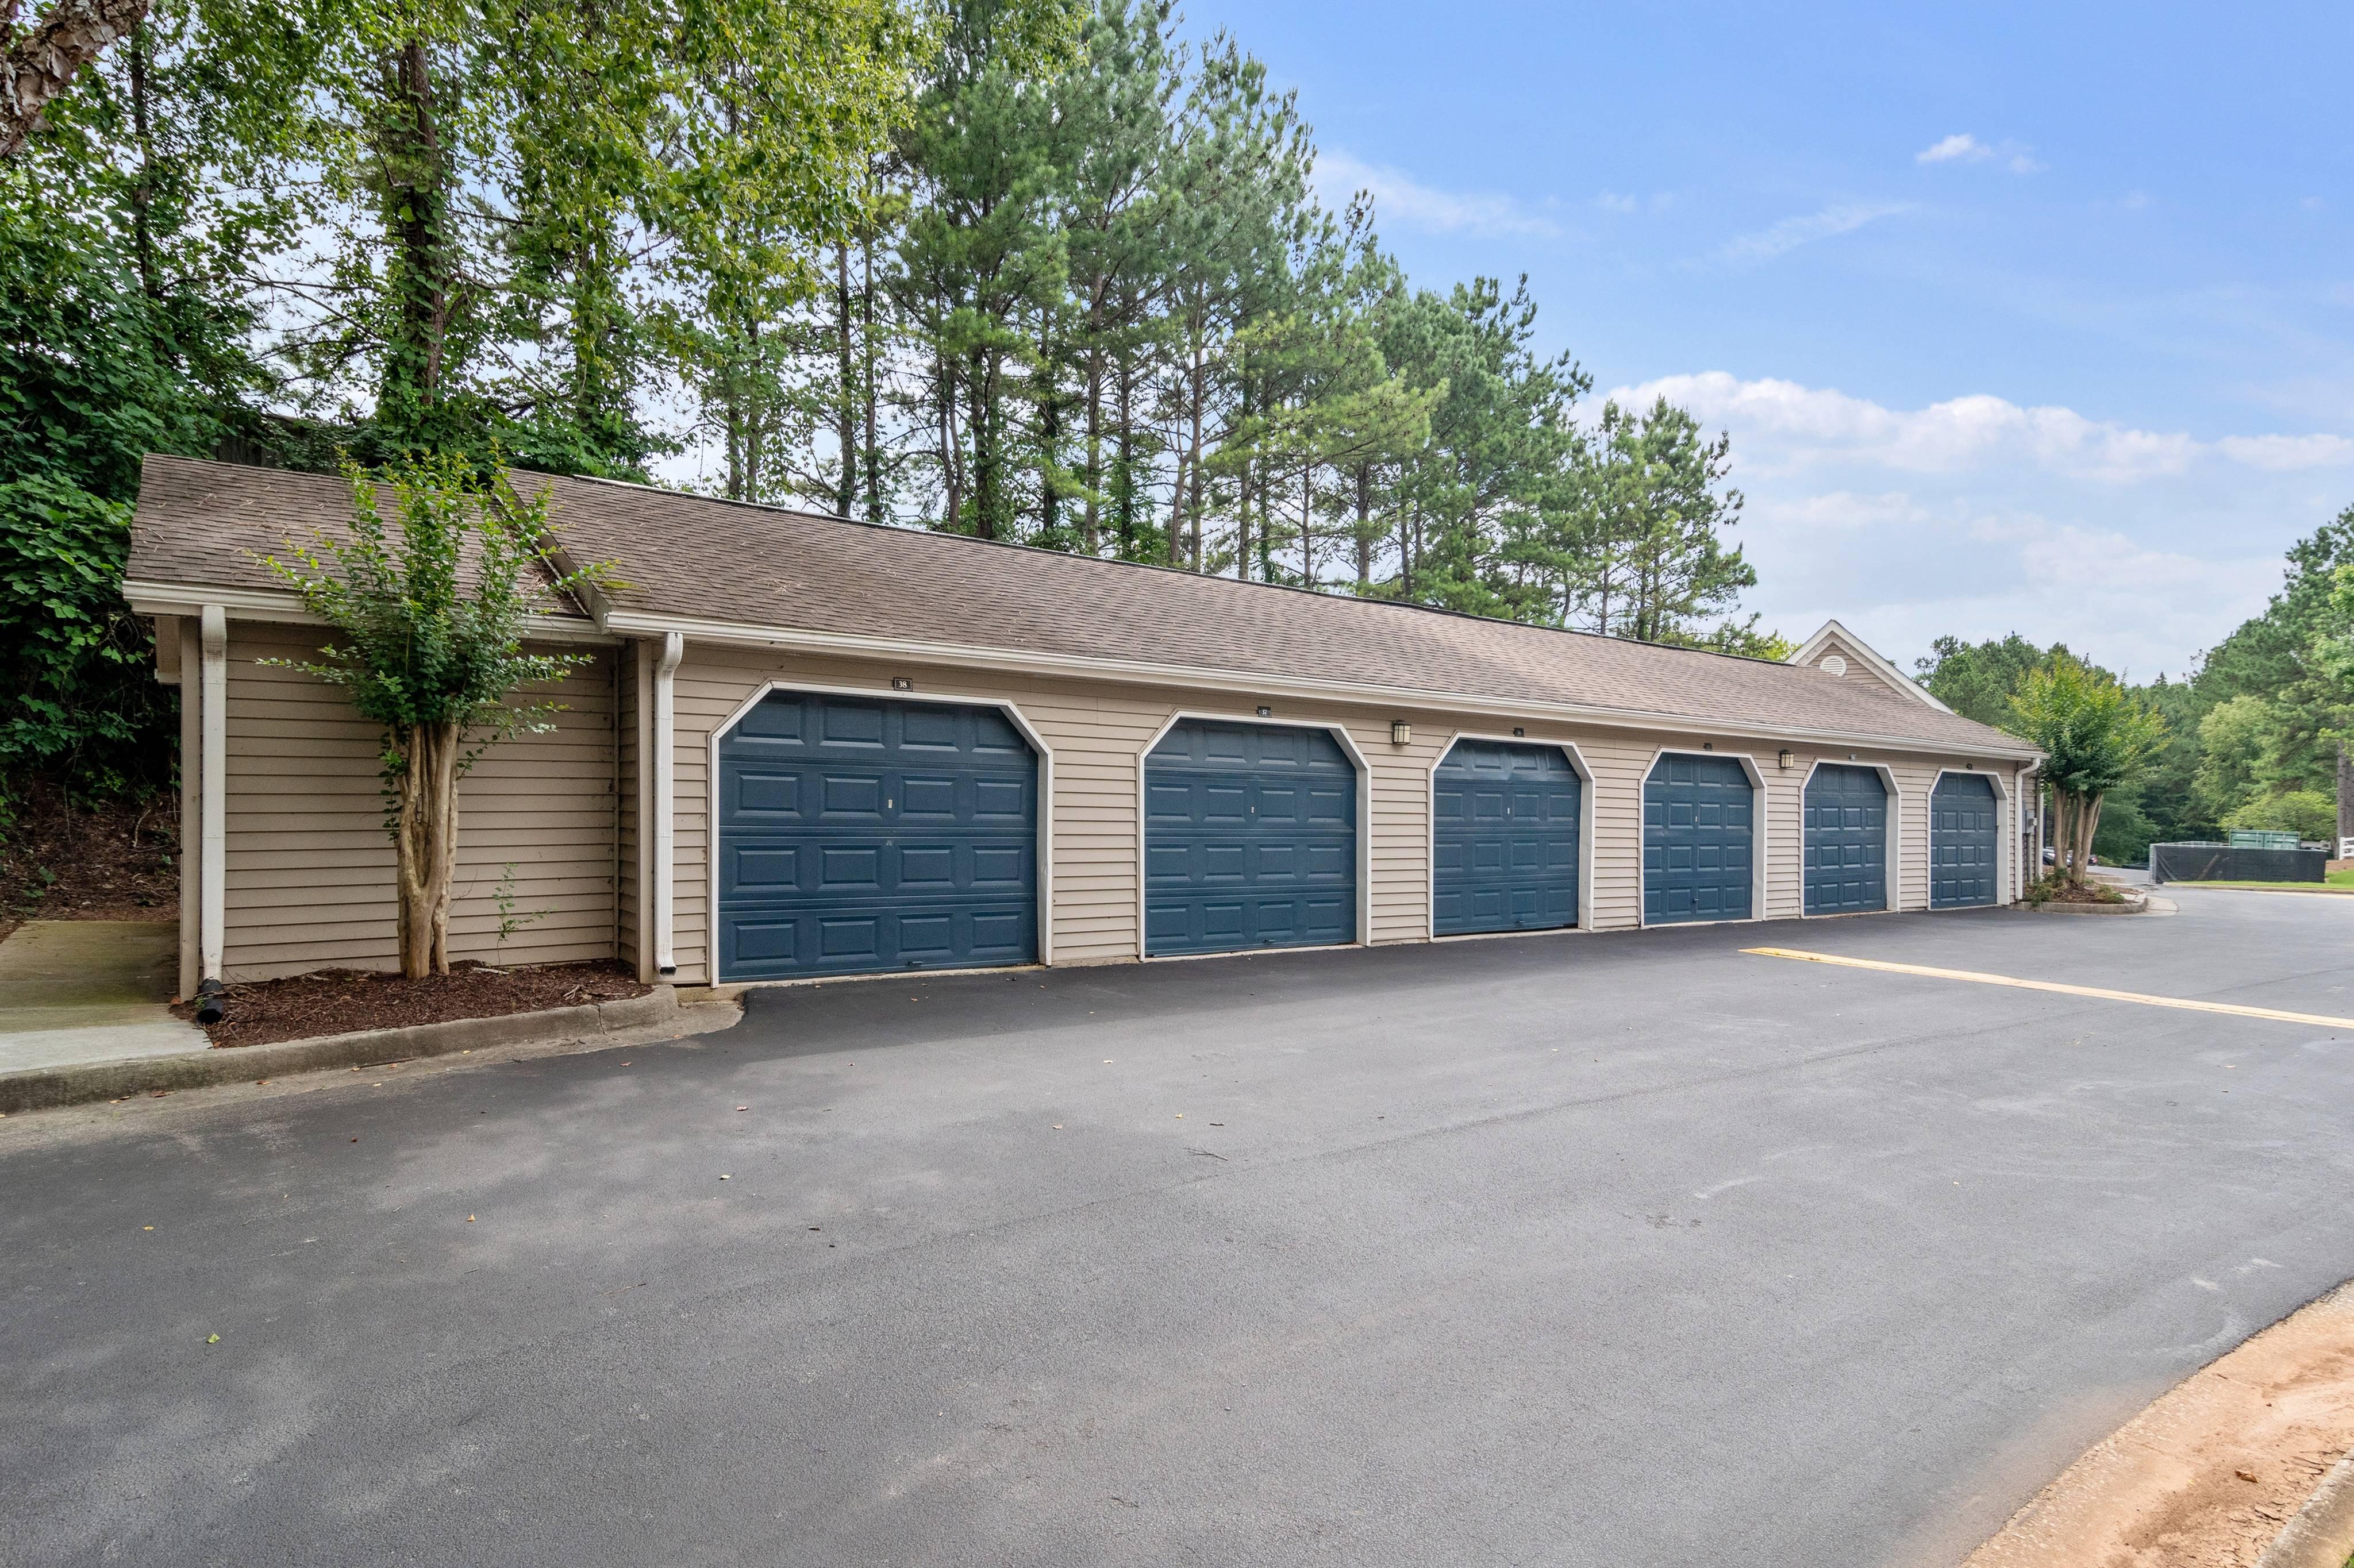 Bank of 6 Detached Garages